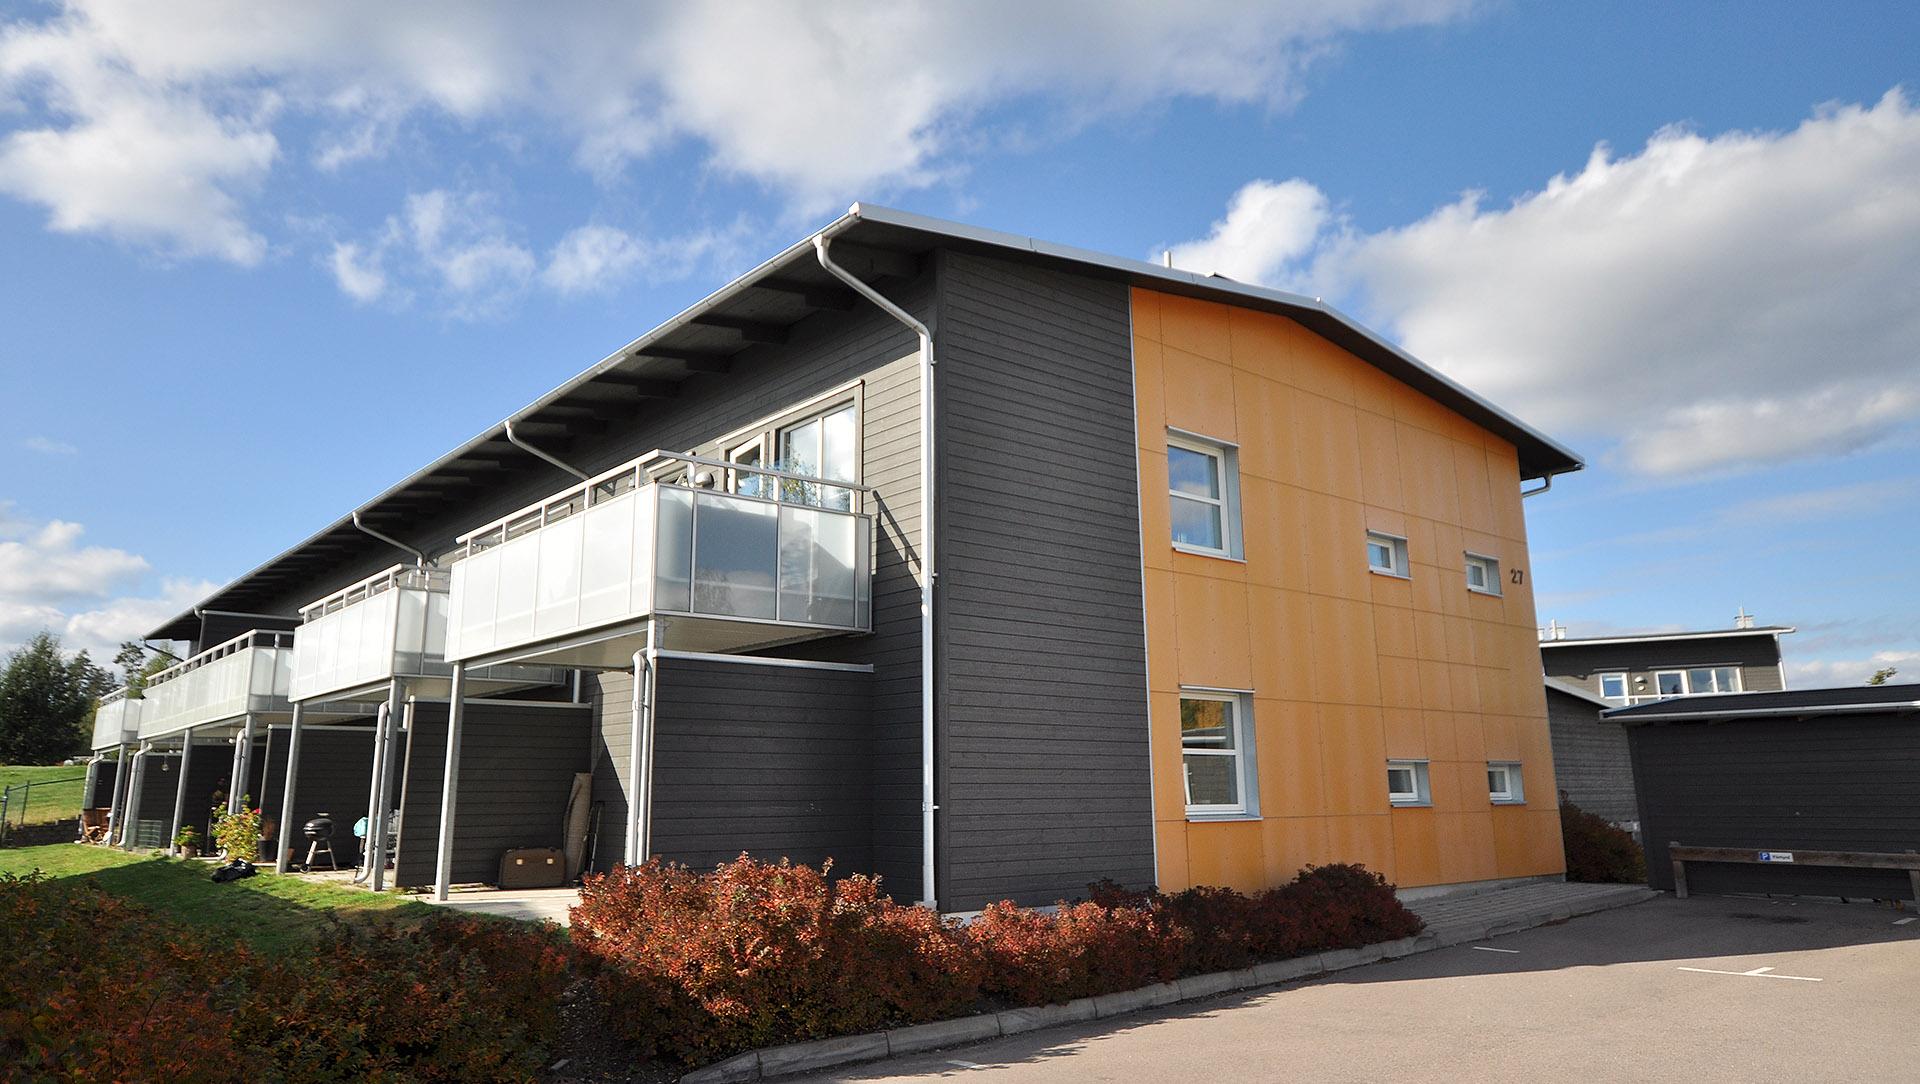 Kv Rymden på Östra Lugnet i Växjö